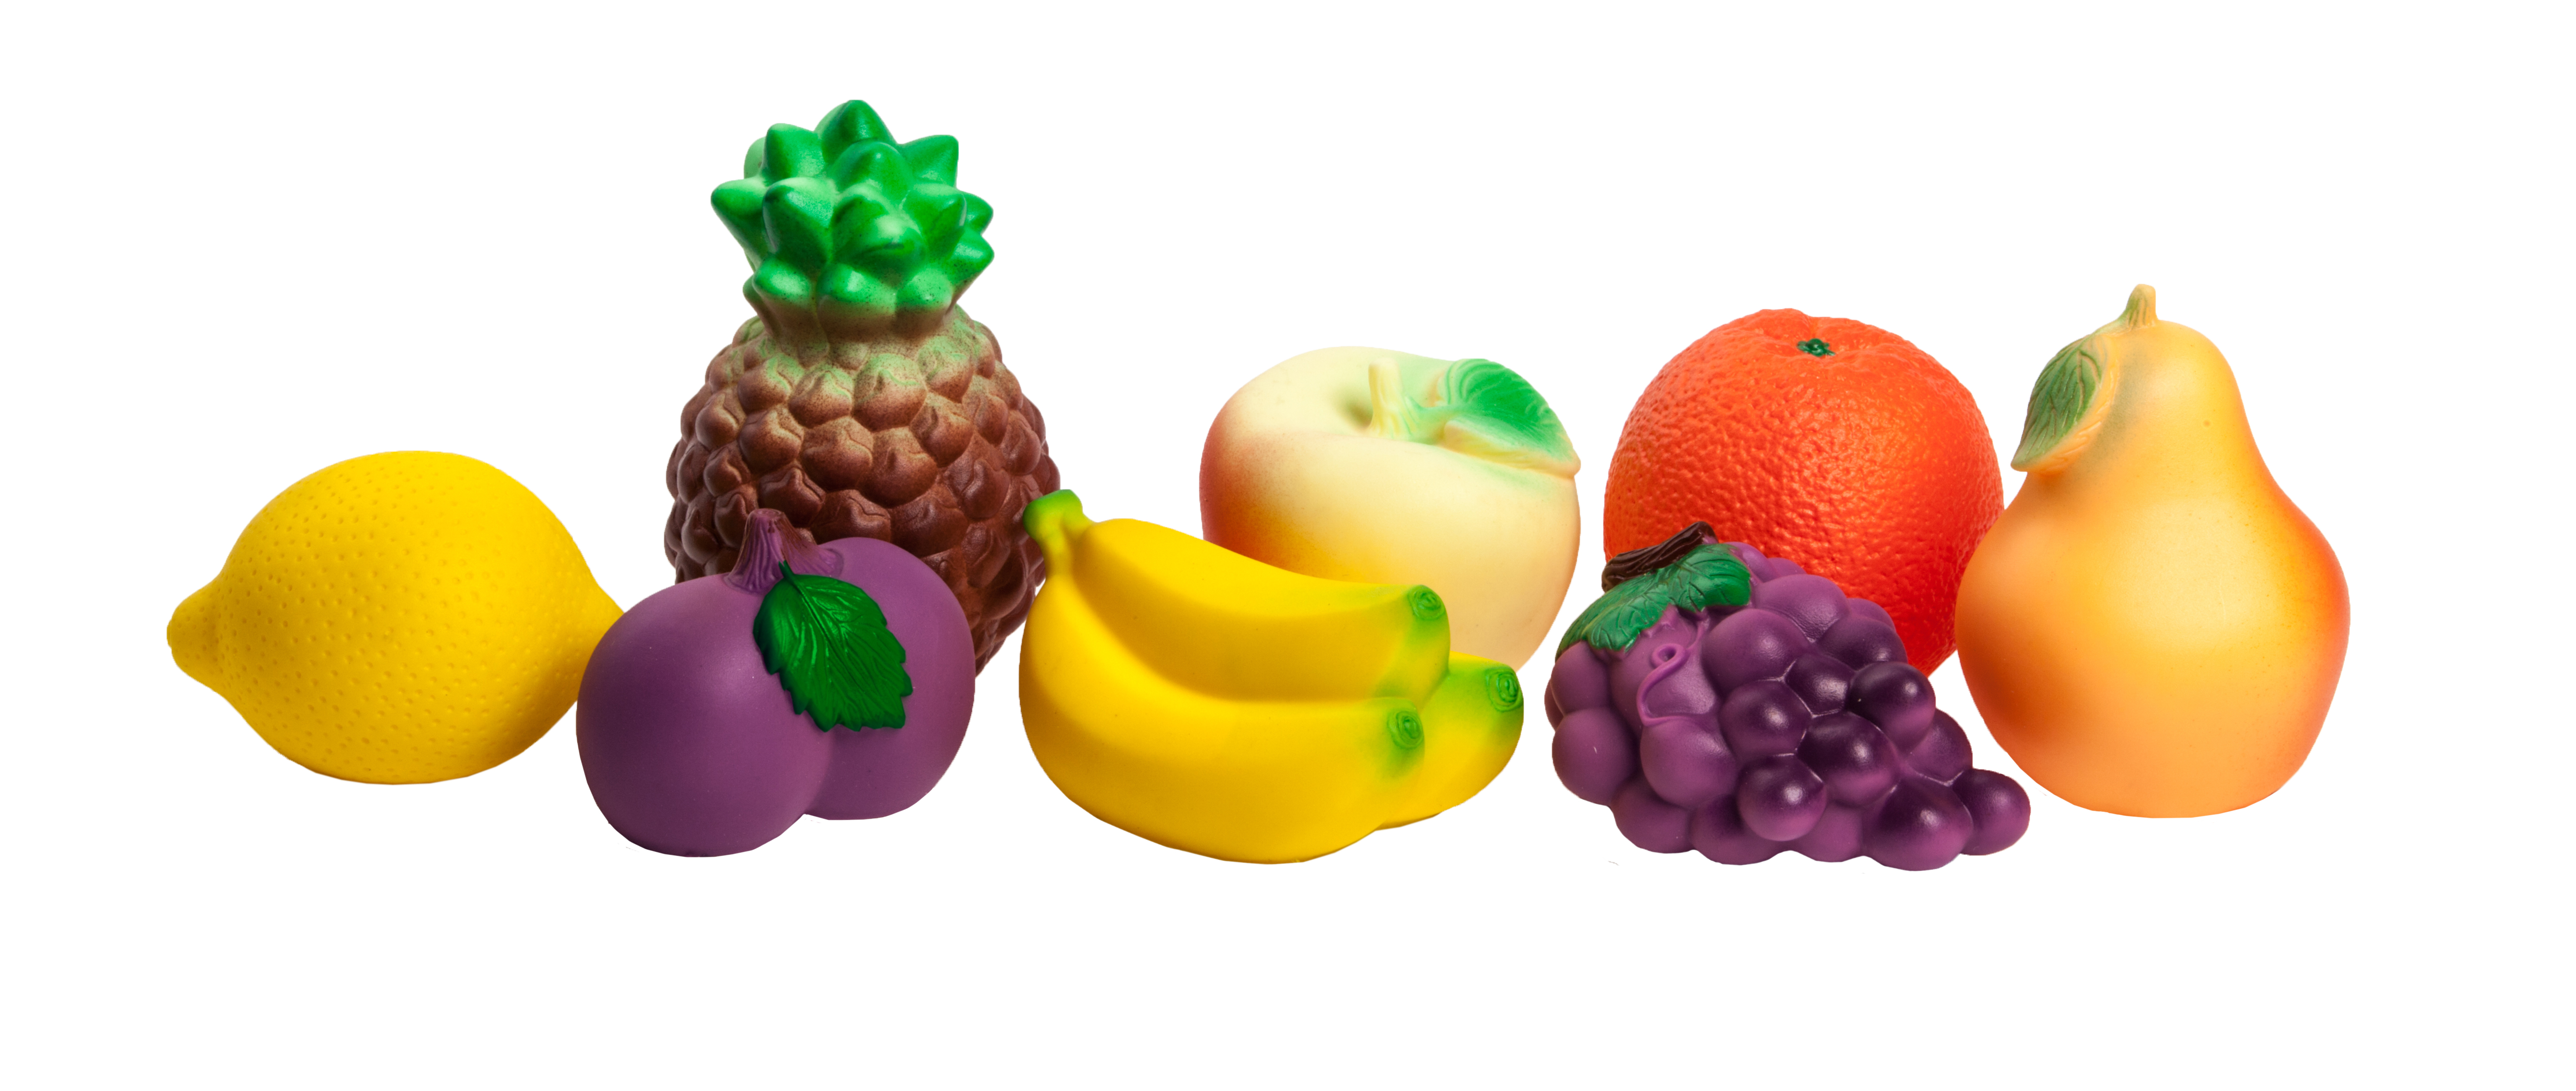 Набор фруктов, 8 предметовДетская игрушка Касса. Магазин. Супермаркет<br>Набор фруктов, 8 предметов<br>